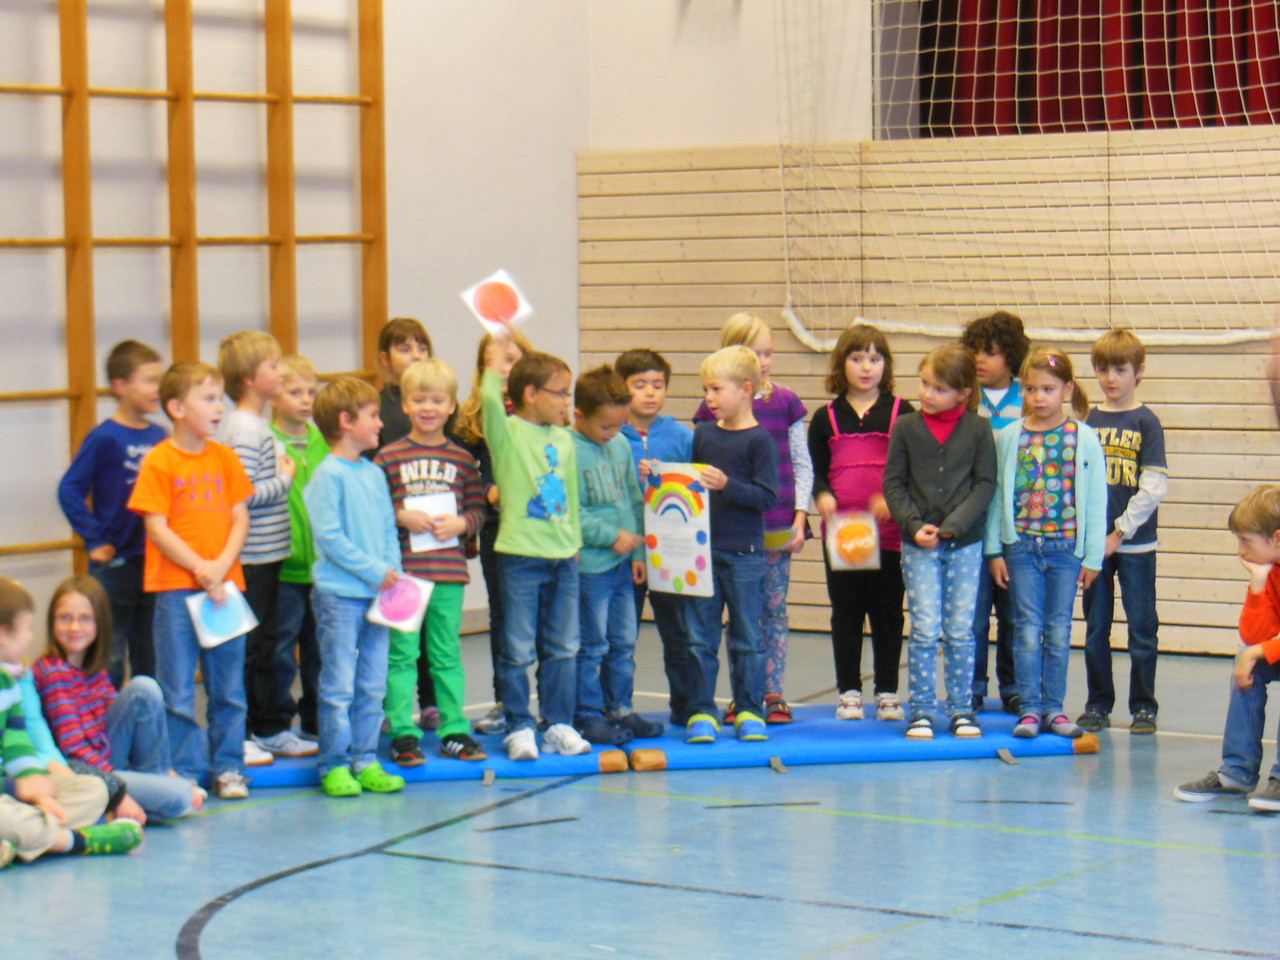 Die rote Lerngruppe singt ihr erstes englisches Lied über Farben.